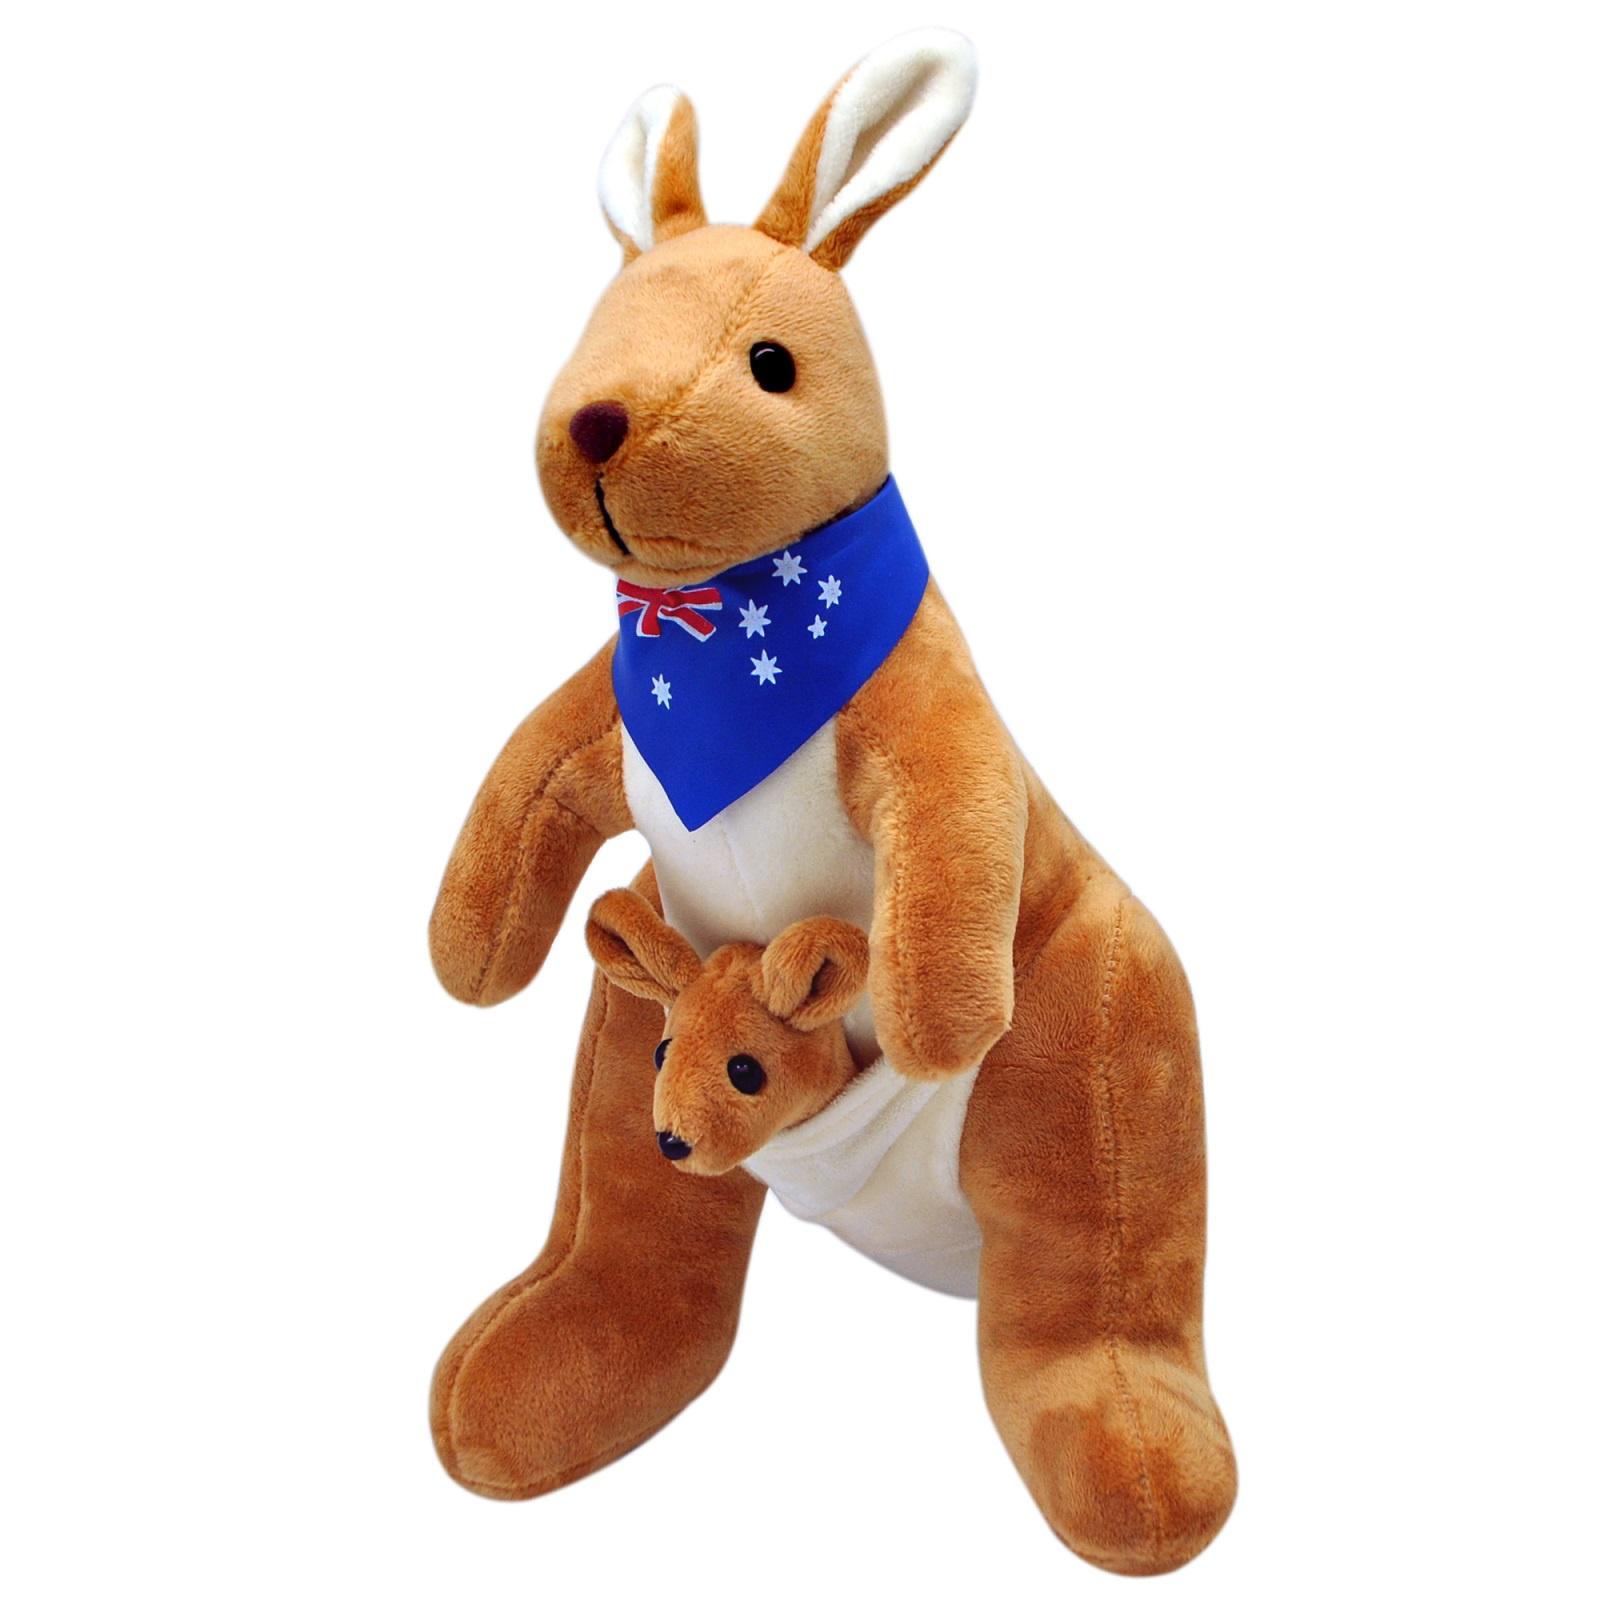 цены на АБВГДЕЙКА Мягкая игрушка Кенгуру с кенгуренком, 30 см  в интернет-магазинах